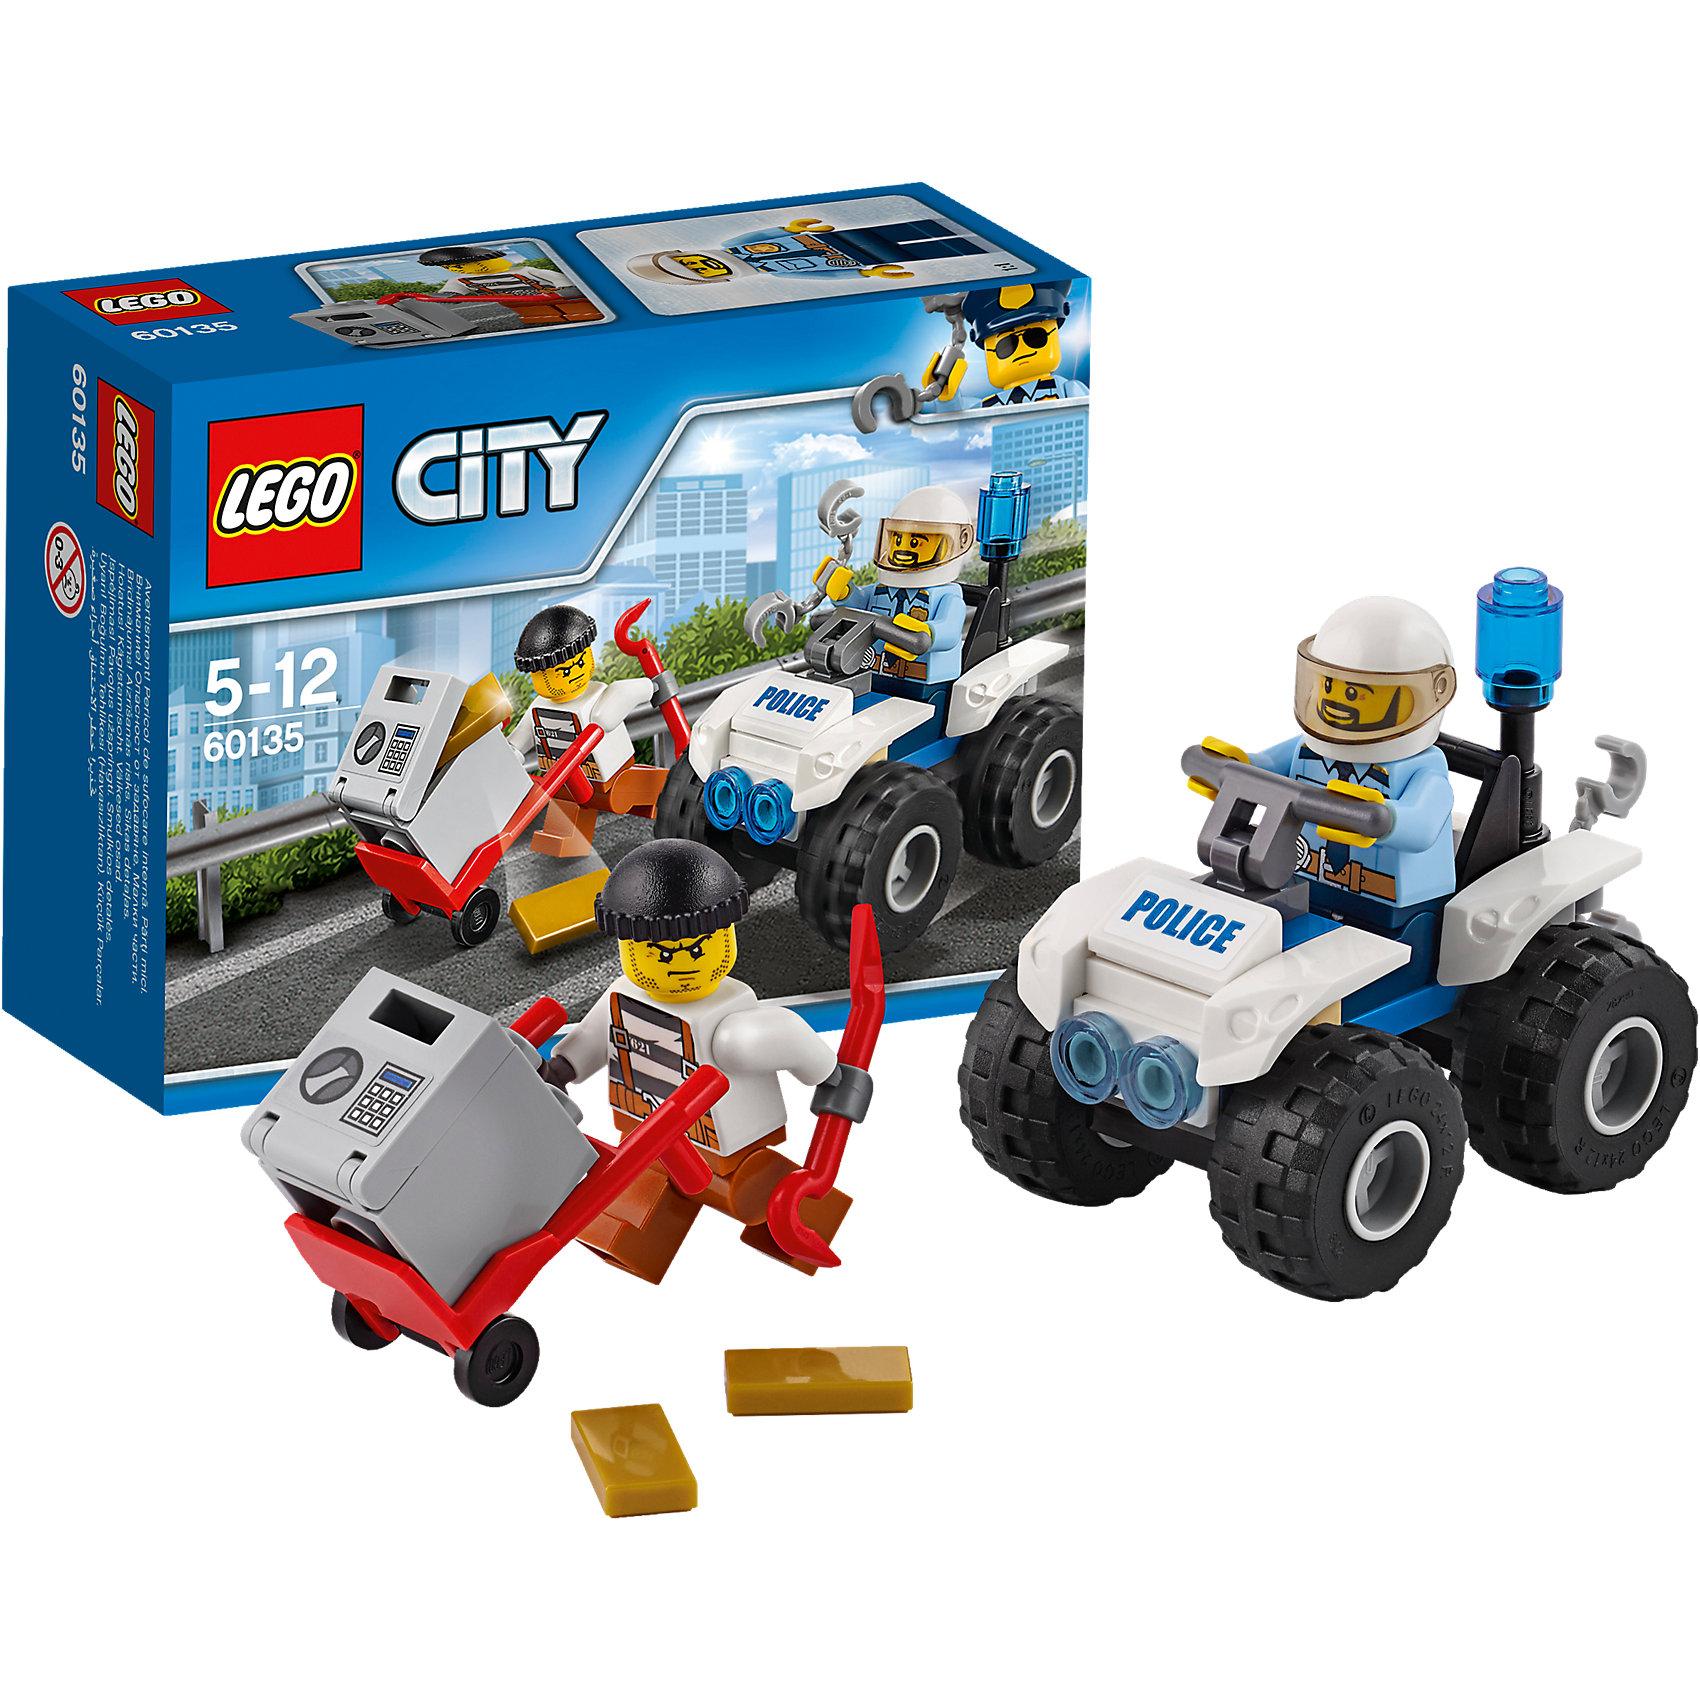 LEGO City 60135: Полицейский квадроциклПластмассовые конструкторы<br>LEGO City 60135: Полицейский квадроцикл<br><br>Характеристики:<br><br>- в набор входит: детали квадроцикла, 2 фигурки, аксессуары, инструкция<br>- состав: пластик<br>- количество деталей: 47<br>- размер коробки: 12 * 5 * 9 см.<br>- для детей в возрасте: от 5 до 12 лет<br>- Страна производитель: Дания/Китай/Чехия/<br><br>Легендарный конструктор LEGO (ЛЕГО) представляет серию «City» (Сити) в виде деталей жизни большого города, в котором есть абсолютно все. Серия делает игры еще более настоящими, благодаря отличным аксессуарам. Стражи закона Лего Сити всегда готовы прийти на помощь жителям города. В этот раз грабителю удалось скрыться вместе с сейфом. Он поместил его в тележку и покинул банк с двумя золотыми слитками, с помощью ломика вор готов вскрыть сейф. Но полицейский на квадроцикле полон решимости поймать вора. Включив синюю сигнальную лампу и не забыв наручники он направился в погоню. Квадроцикл имеет отличную проходимость, в том числе и по бездорожью в виде диванов или кресел. У квадроцикла имеется крючок для того, чтобы прицепить тележку с сейфом и доставить их в банк. Минифигурки отлично детализированы и качественно прорисованы. Шлем полицейского снимается, прозрачная защита отодвигается. Помоги полицейскому добиться справедливости. Моделируй разные истории и ситуации в Лего Сити!<br><br>Конструктор  LEGO City 60135: Полицейский квадроцикл можно купить в нашем интернет-магазине.<br><br>Ширина мм: 123<br>Глубина мм: 91<br>Высота мм: 48<br>Вес г: 77<br>Возраст от месяцев: 60<br>Возраст до месяцев: 144<br>Пол: Мужской<br>Возраст: Детский<br>SKU: 5002455